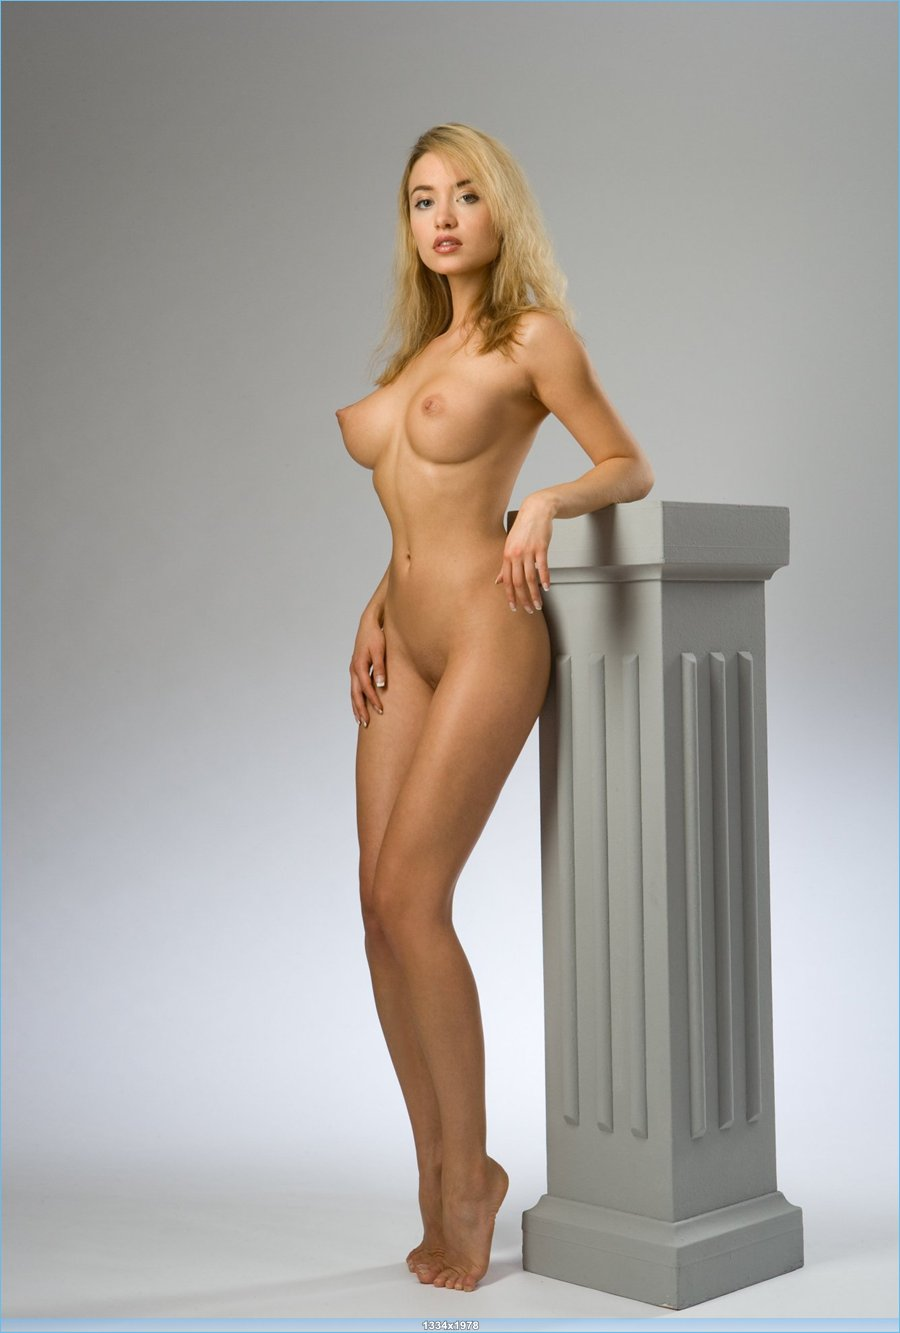 Смотреть онлайн бесплатно красивую эротику hd 1 фотография